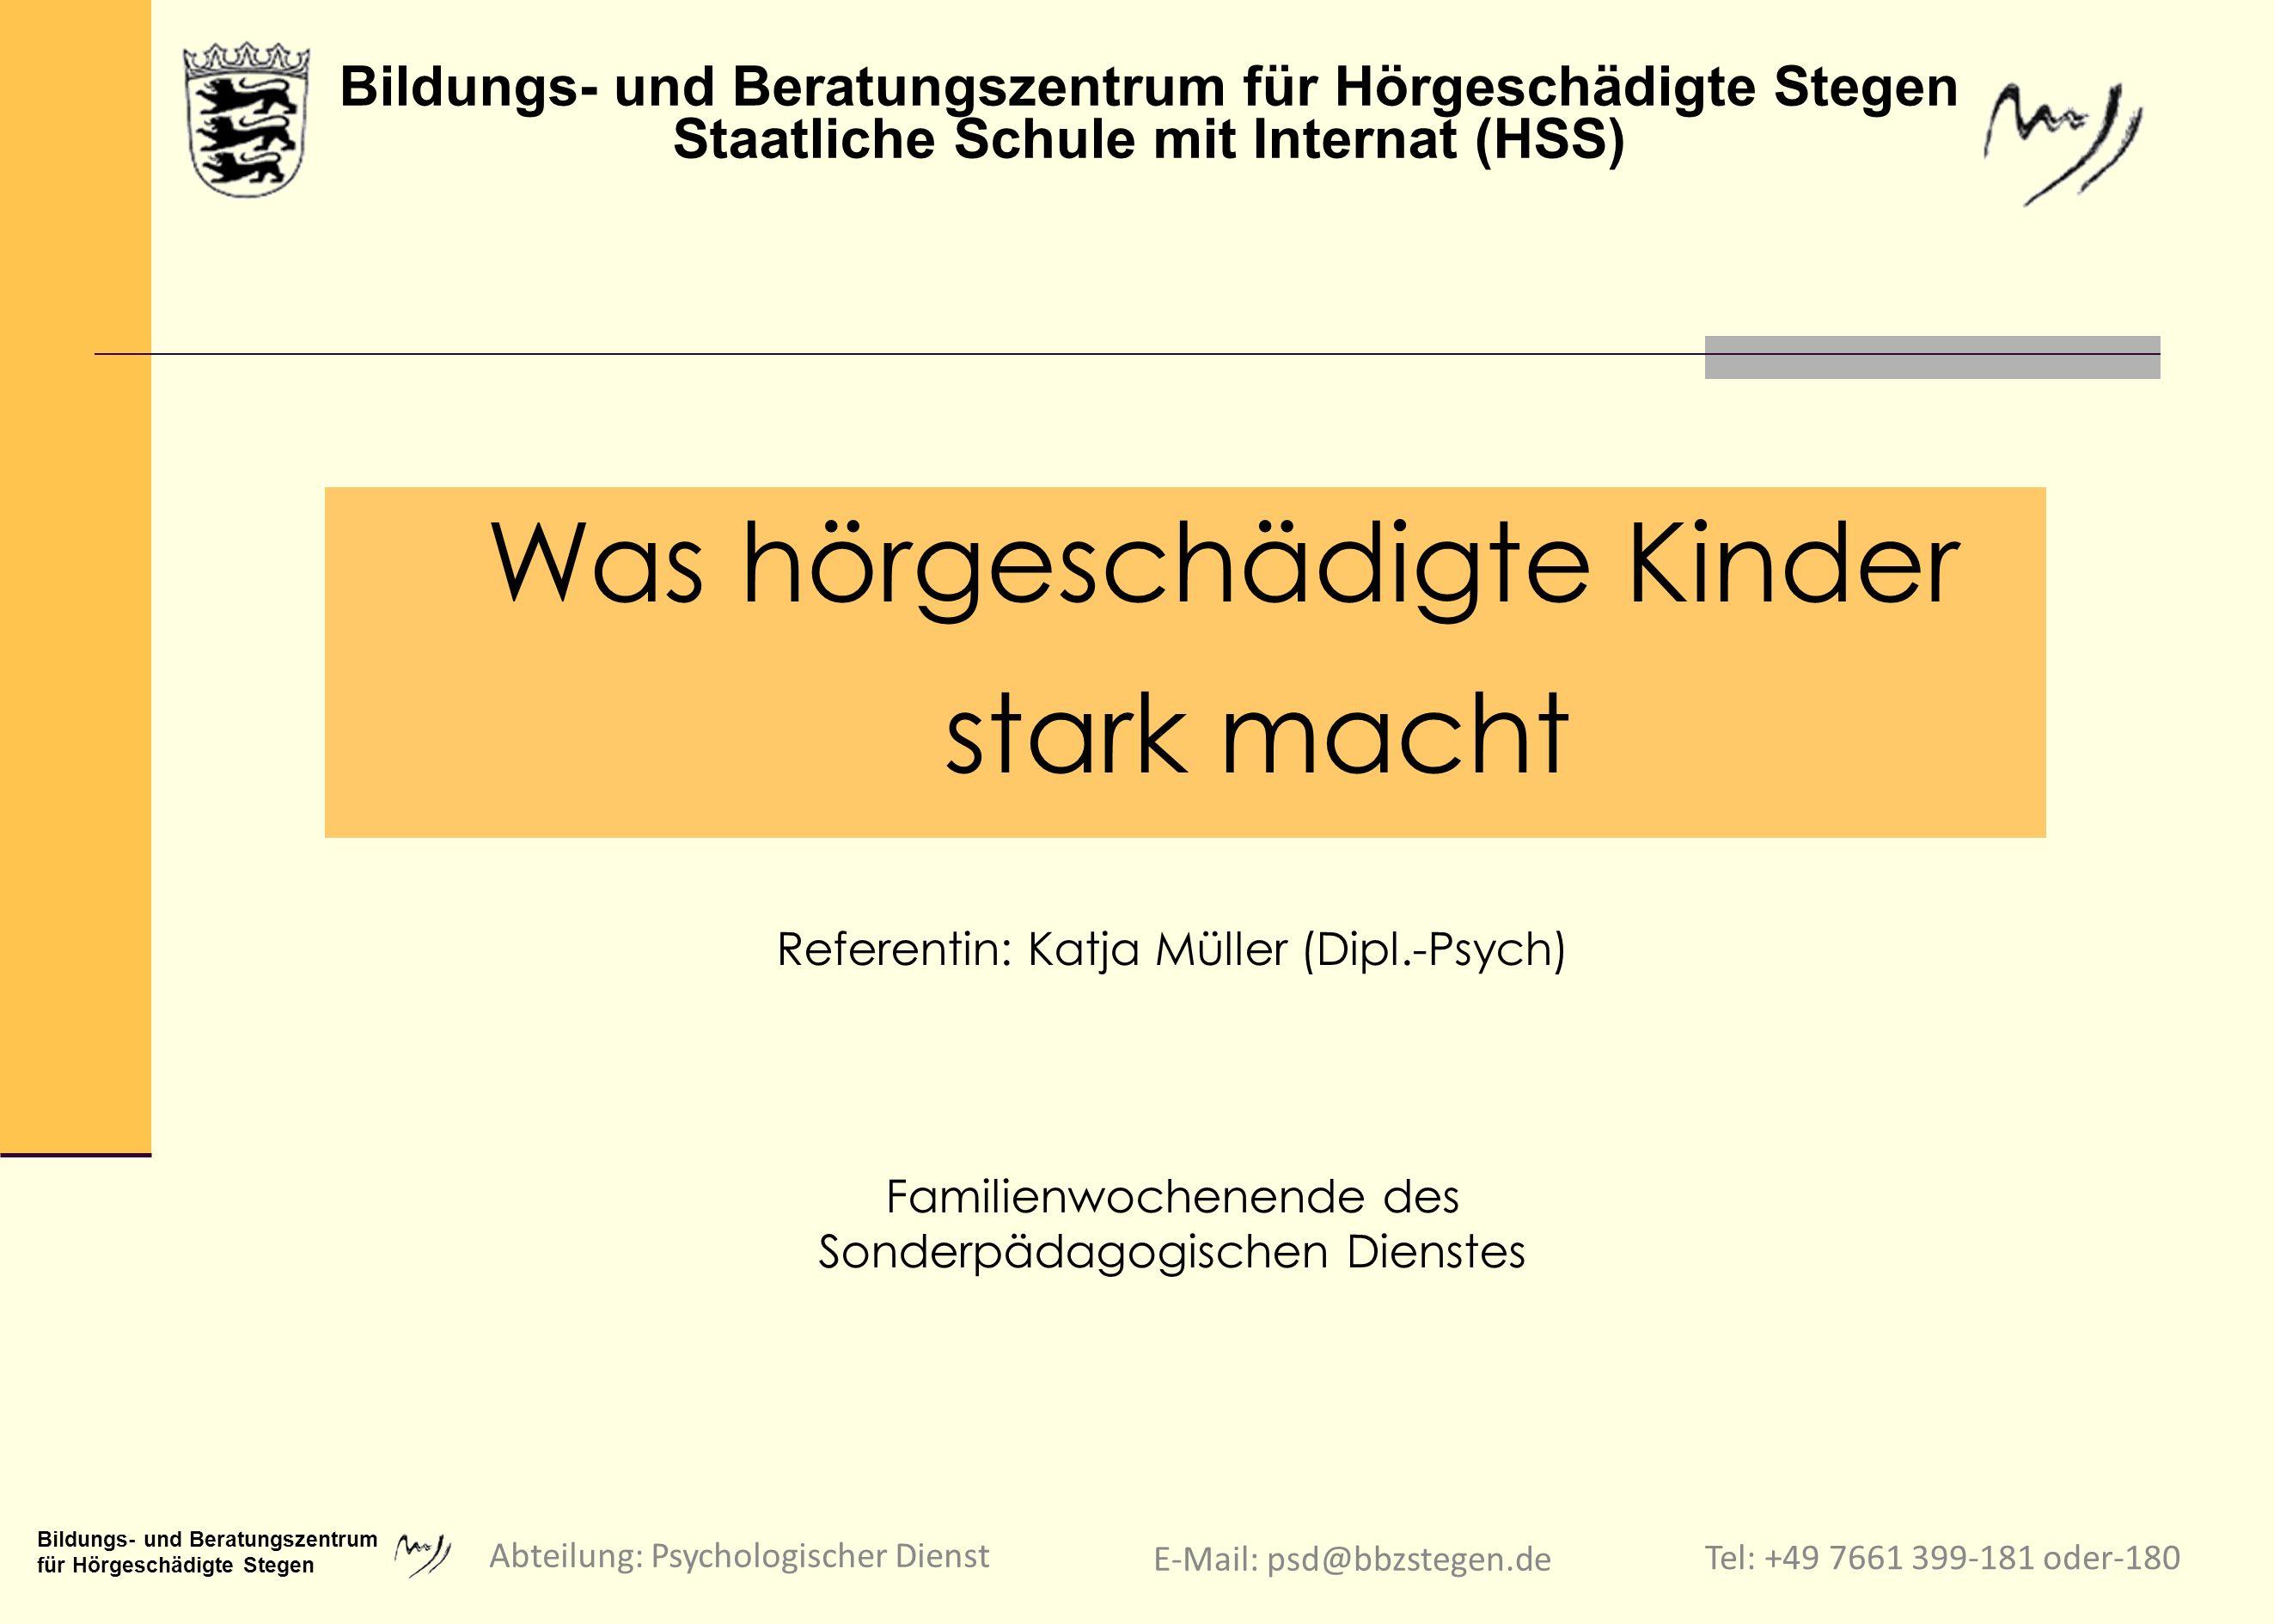 Tel: +49 7661 399-181 oder-180 Bildungs- und Beratungszentrum für Hörgeschädigte Stegen E-Mail: psd@bbzstegen.de Abteilung: Psychologischer Dienst .